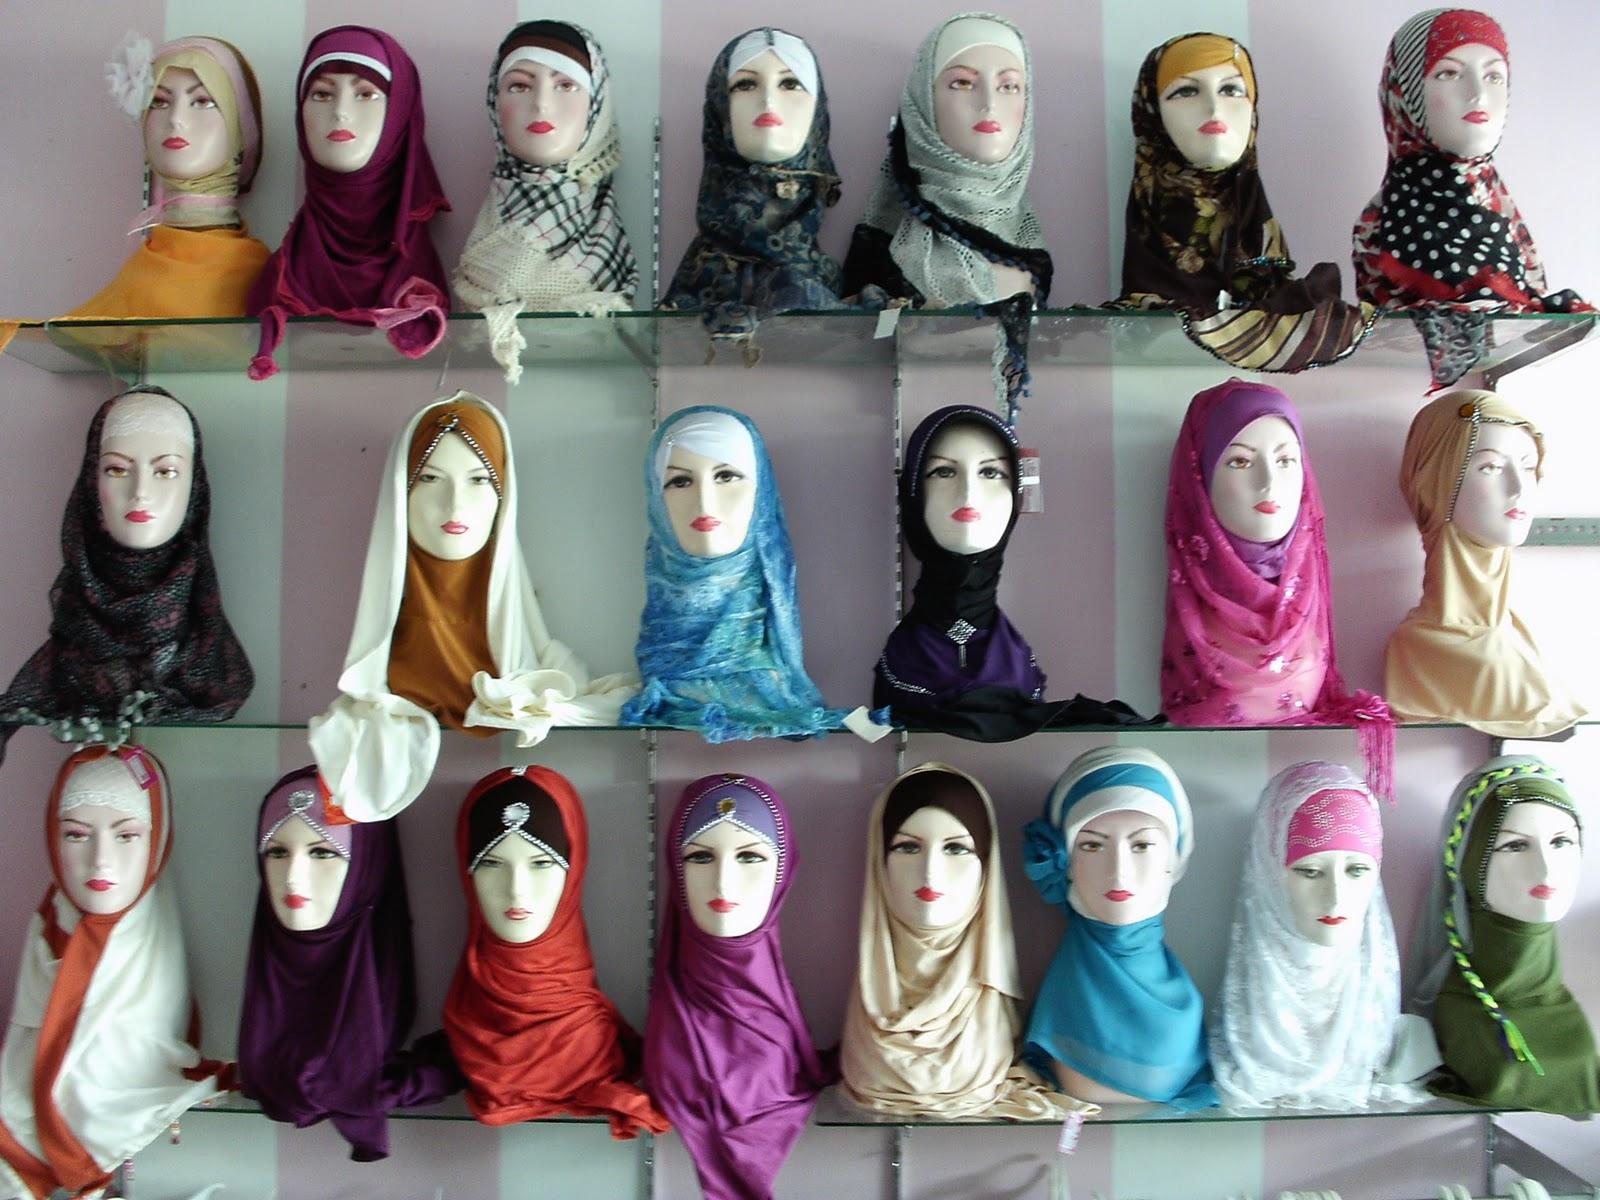 Grosiran Daster Batik Murah 18ribu Distributor Jilbab Instan Murah Meriah